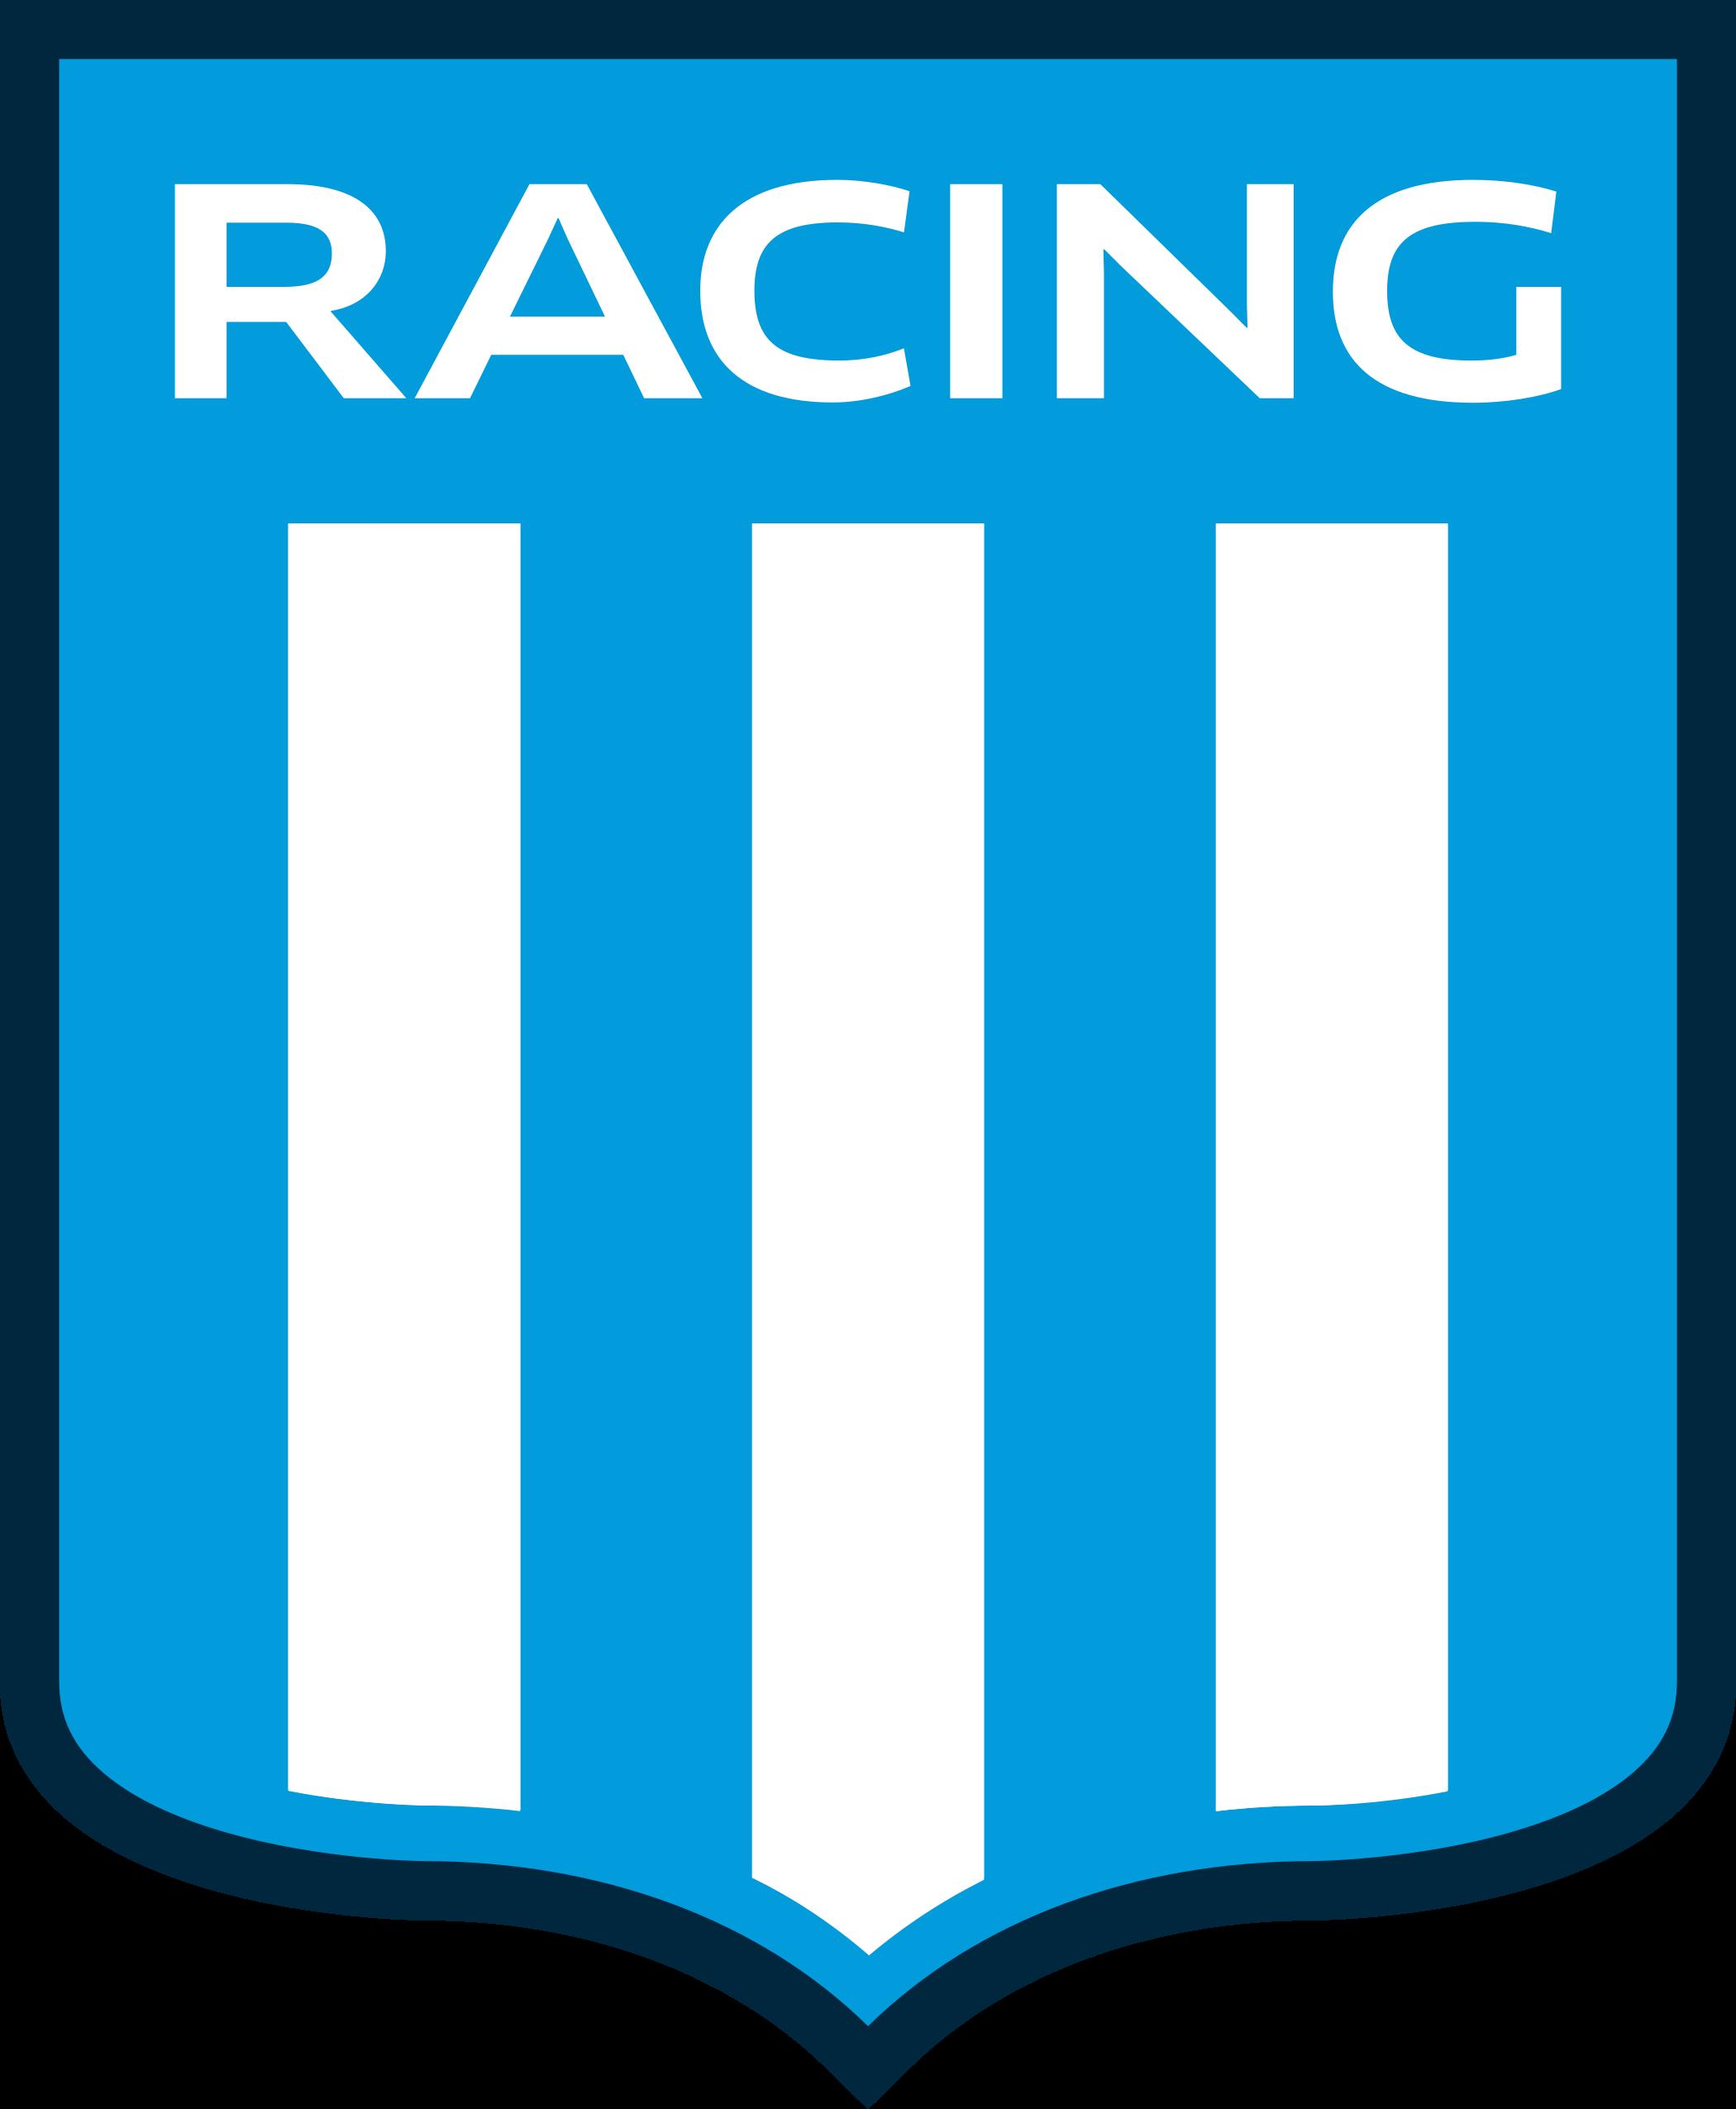 racing logo escudo 1 - Racing Logo - Racing Club de Avellaneda Escudo